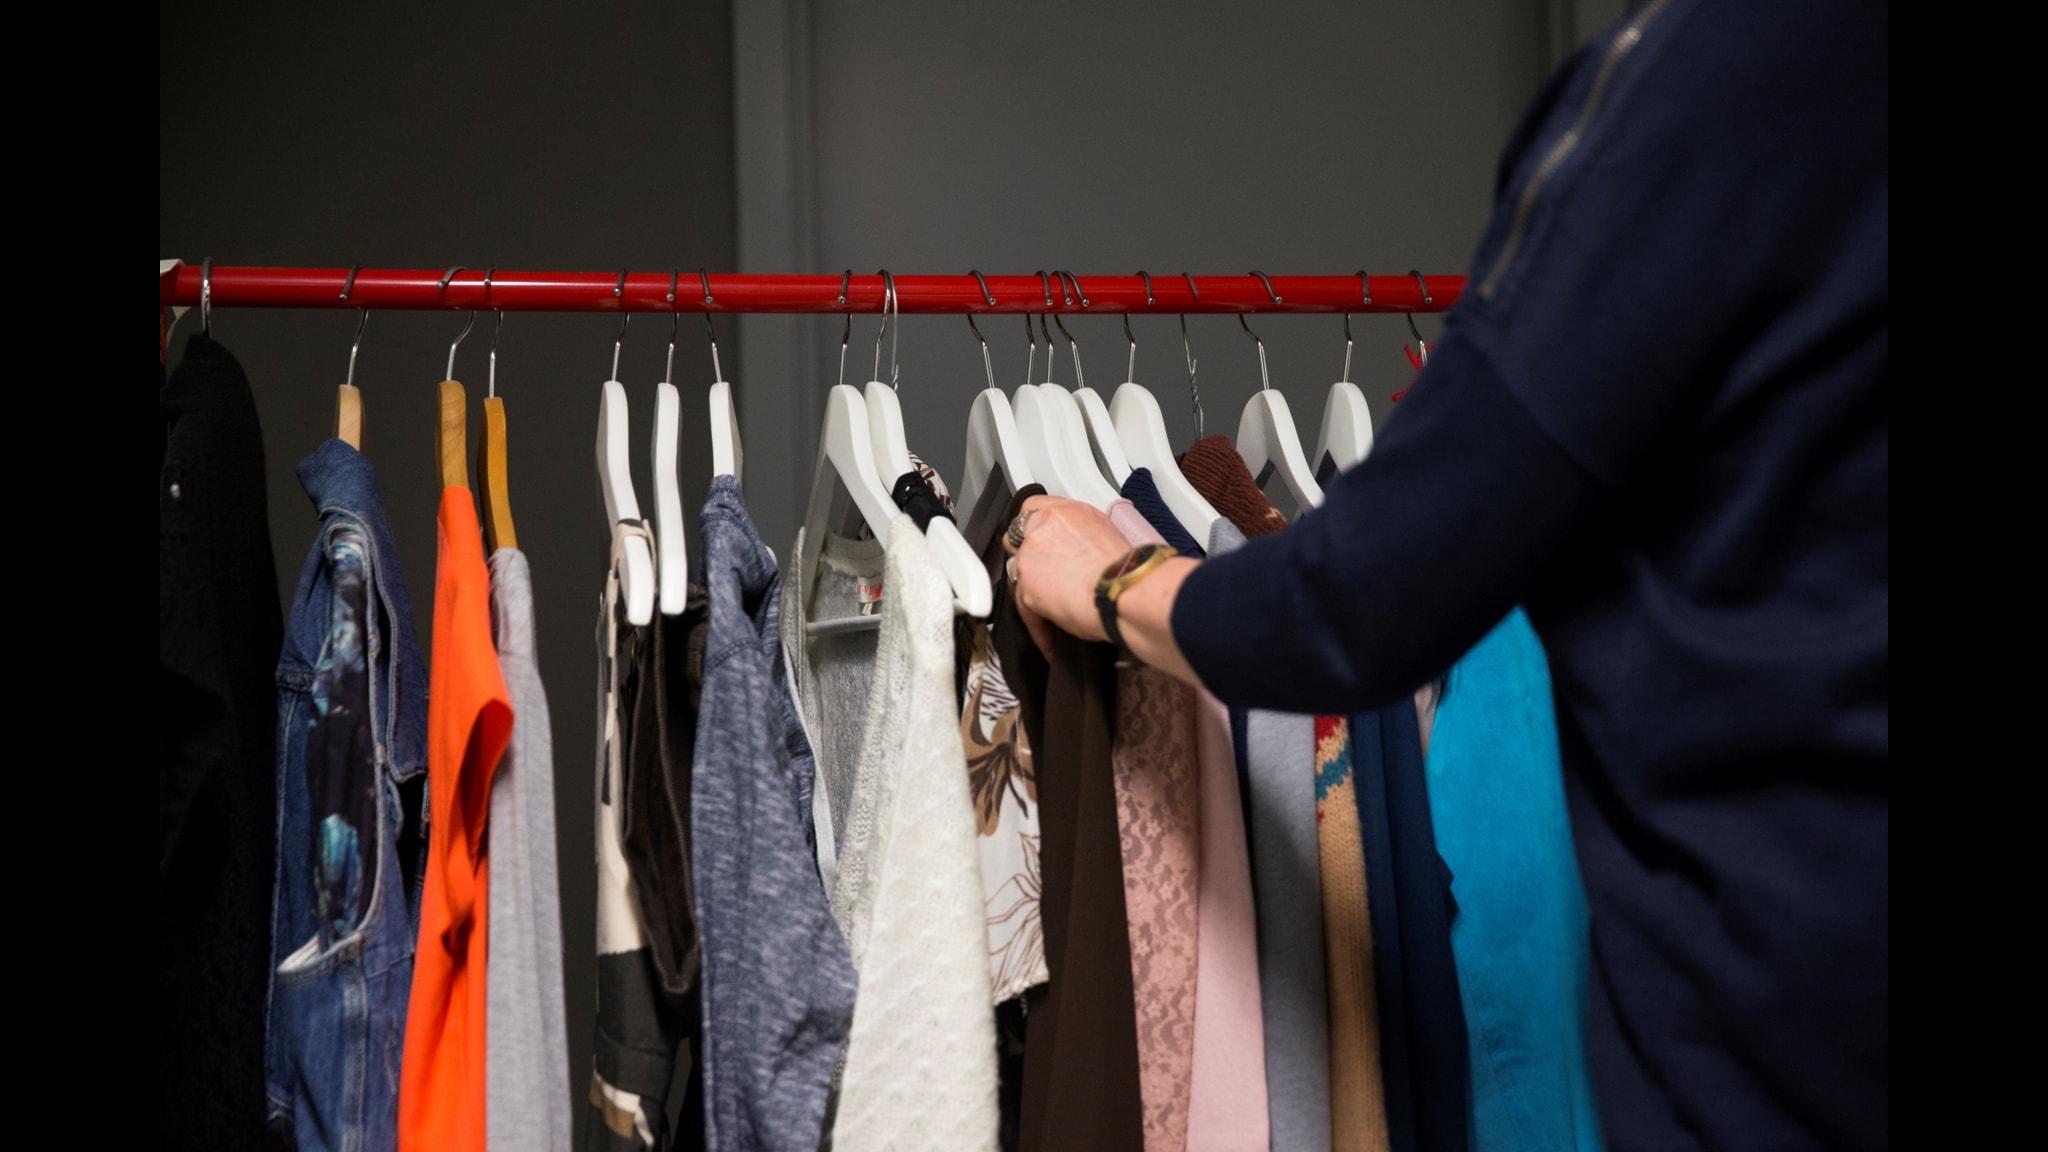 """8 kilo per person och år. Så mycket kläder slänger vi i Sverige. I """"Slow Fashion"""" ges råd för att bland annat undvika klädsvinnet."""